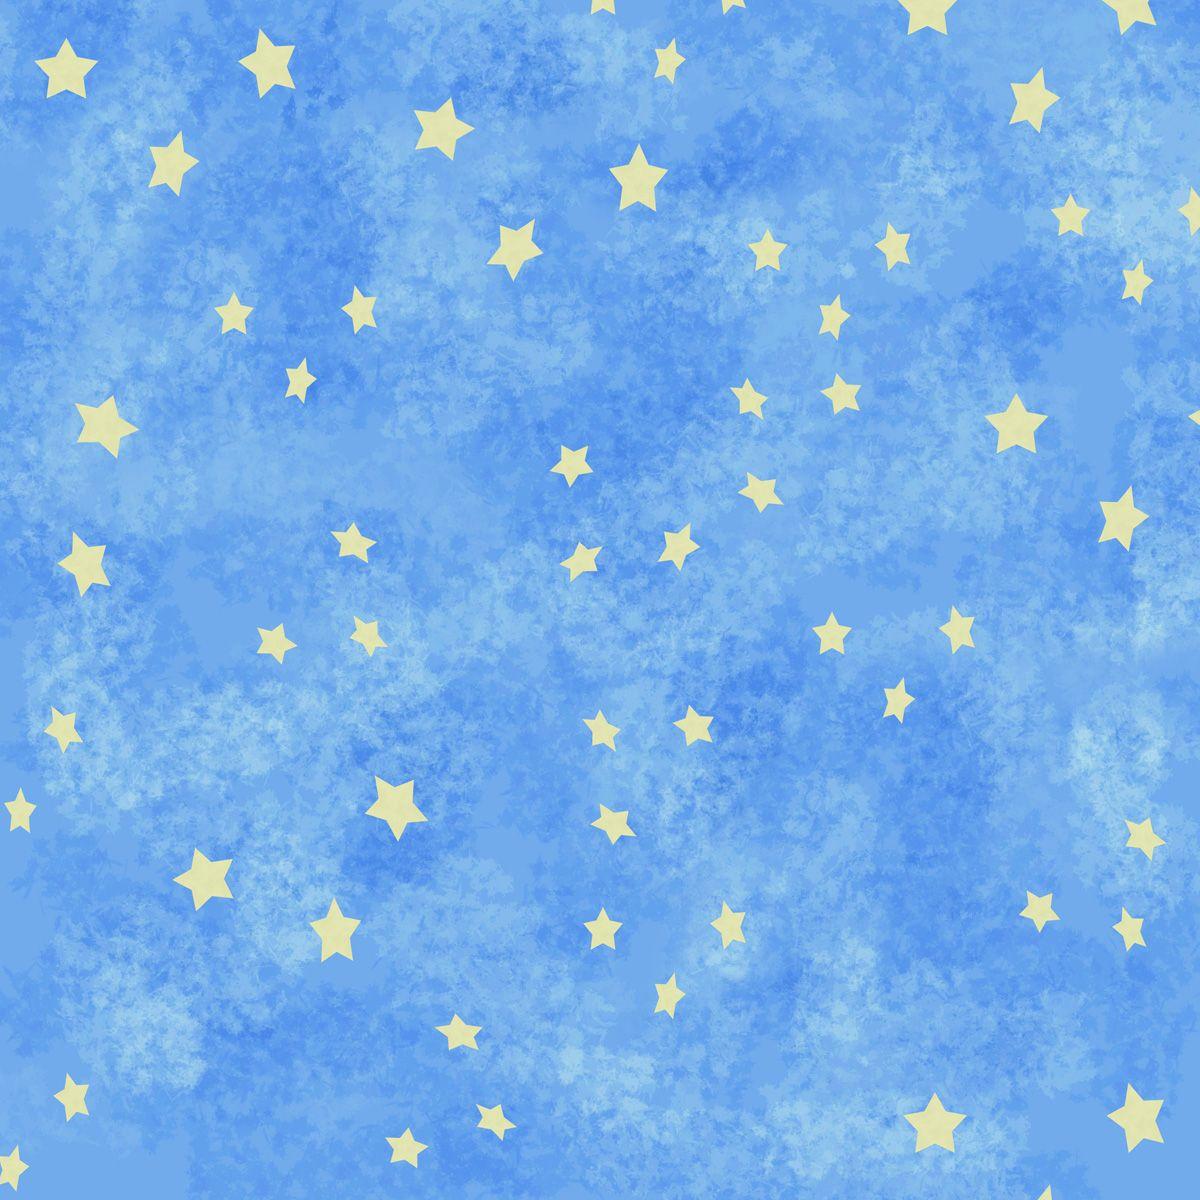 Granny enchanteds blog free blue stars digi paper pack andre granny enchanteds blog free blue stars digi paper pack free scrapbook paperscrapbook kitcraft jeuxipadfo Choice Image